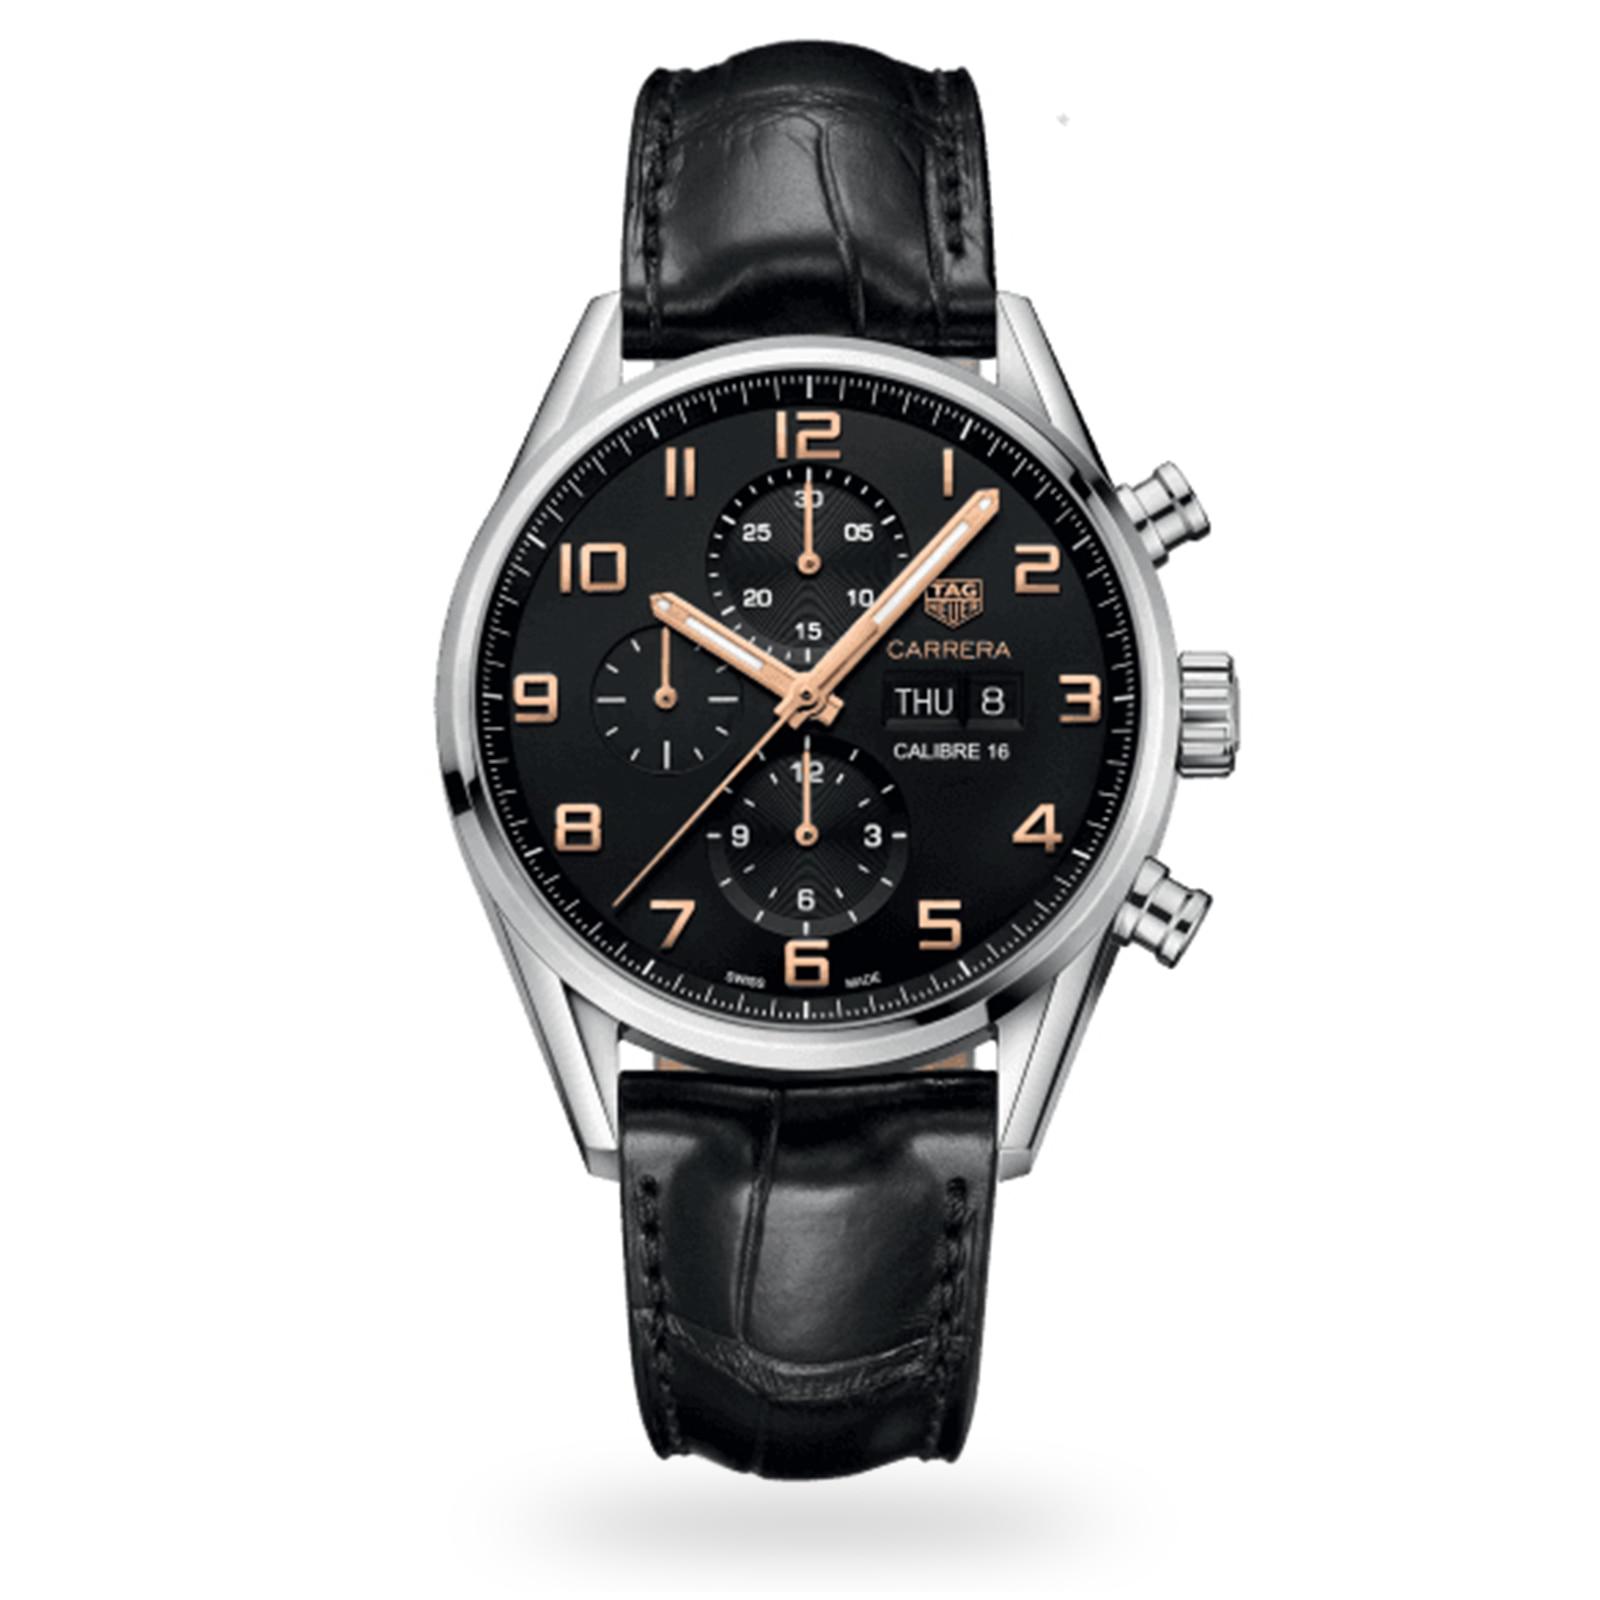 TAG Heuer Carrera Elegance Calibre 16 Mens Watch